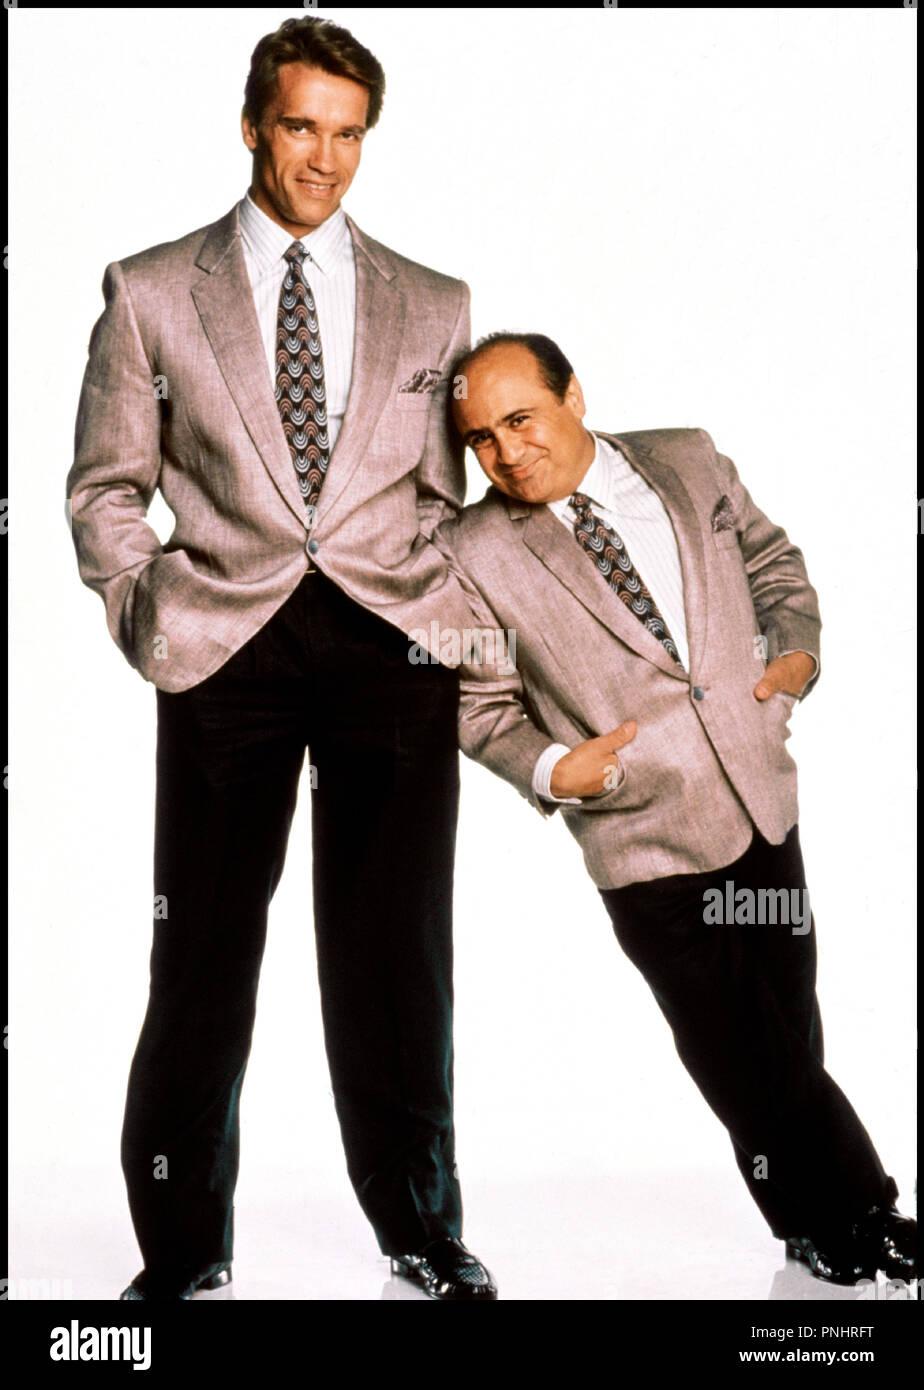 jumeaux schwarzenegger